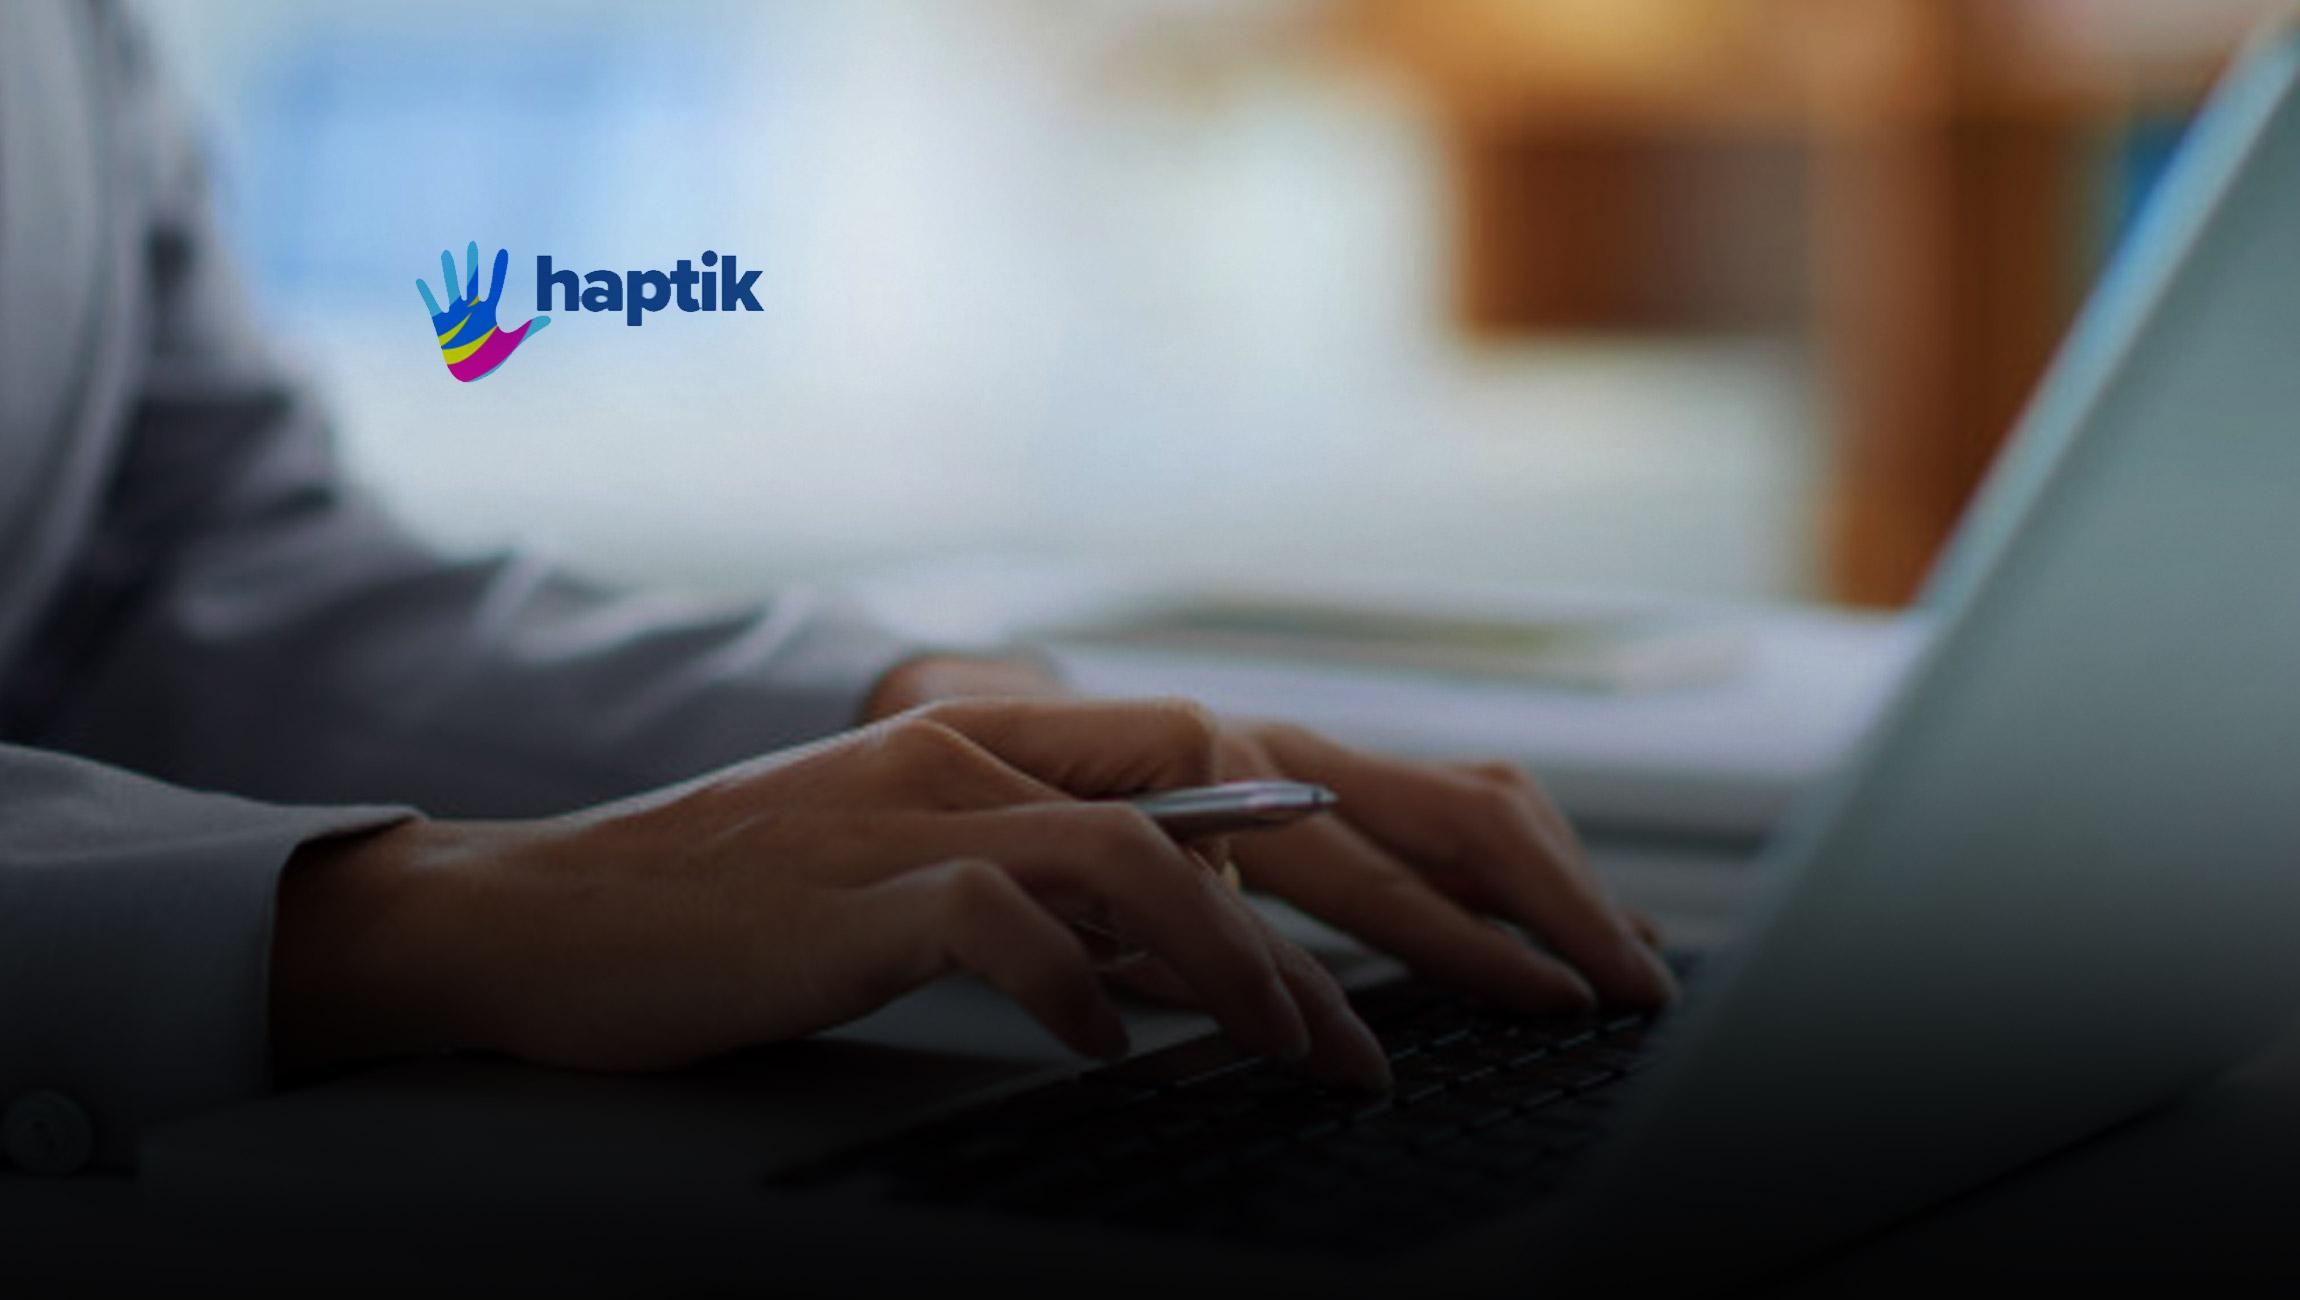 Haptik Announces Launch Of Buzzo: Voice Assistant for E-Commerce